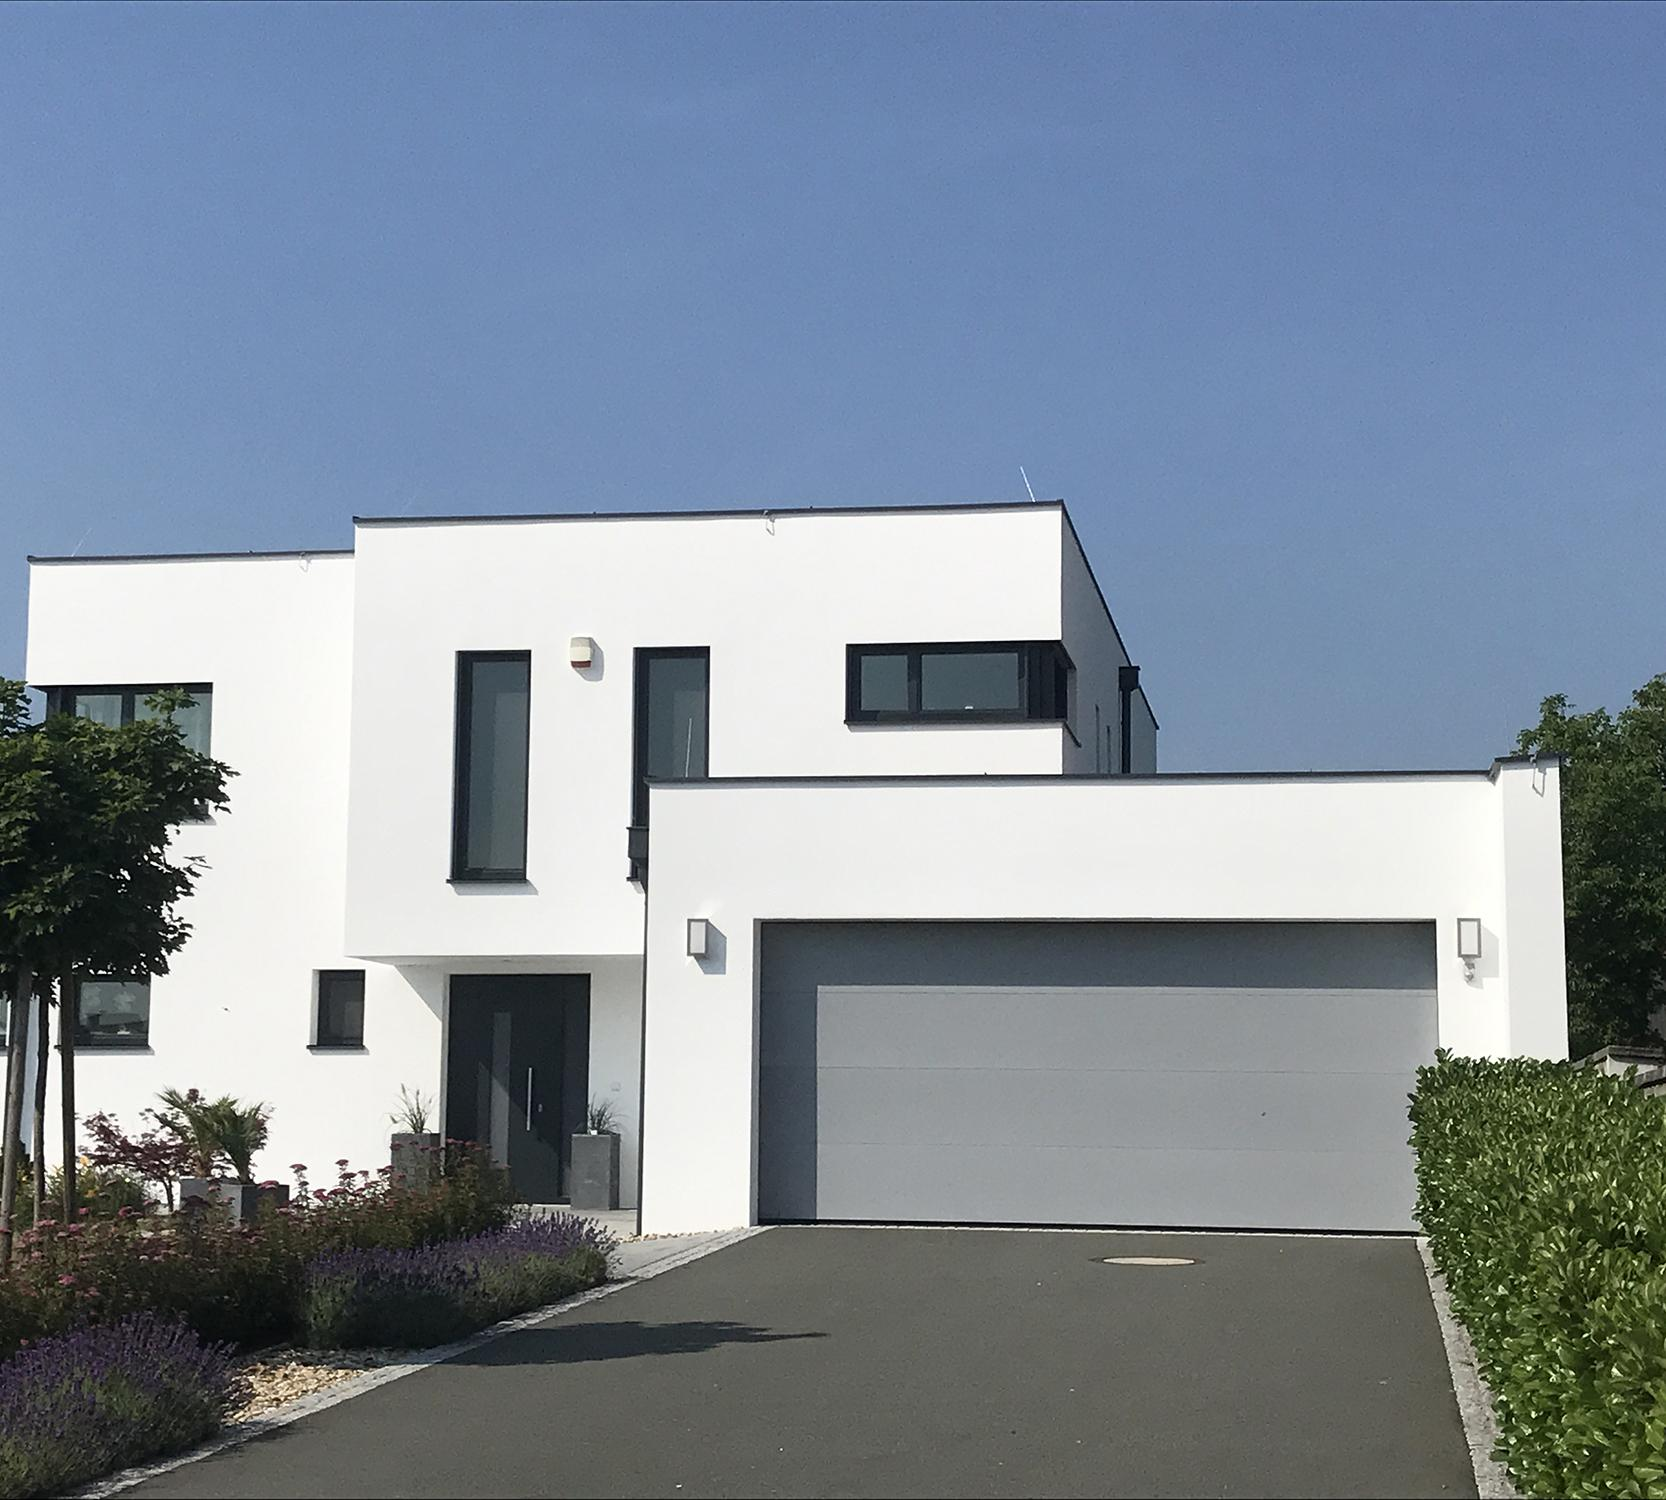 Anstrich der Fassade eines Einfamilienhauses